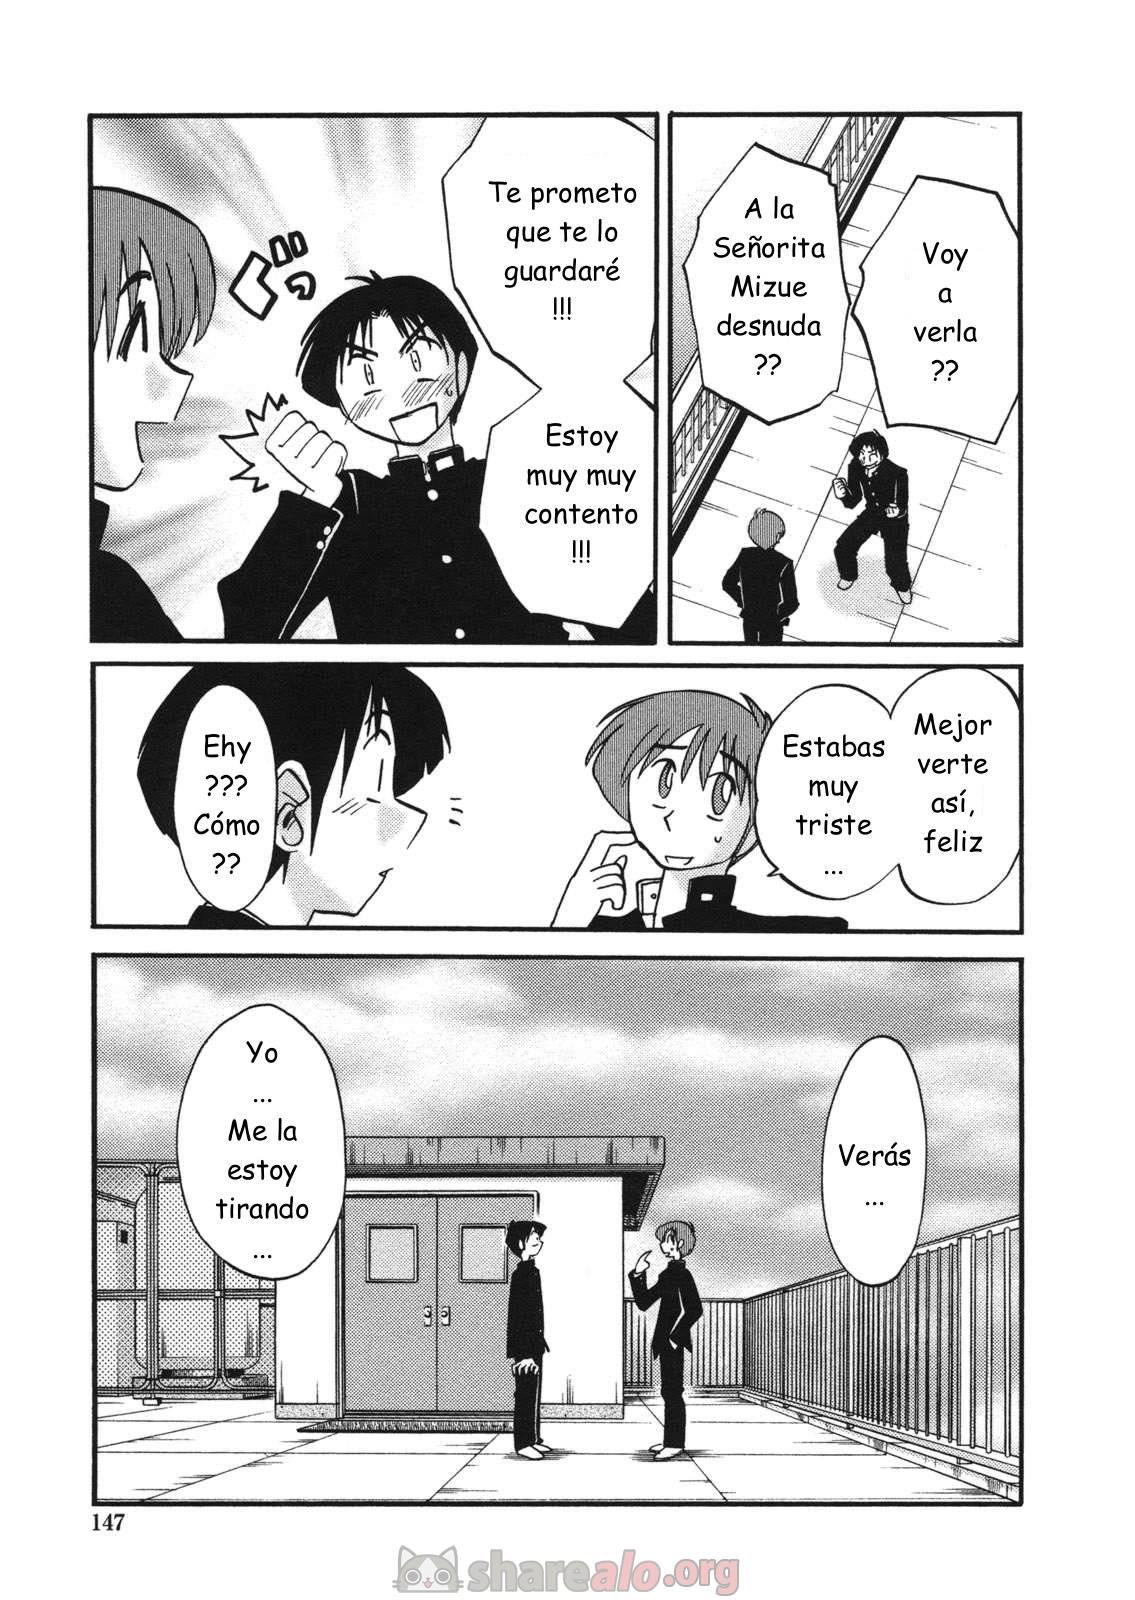 [ Boku no Aijin Manga Hentai de TsuyaTsuya ]: Comics Porno Manga Hentai [ IXfErBwR ]